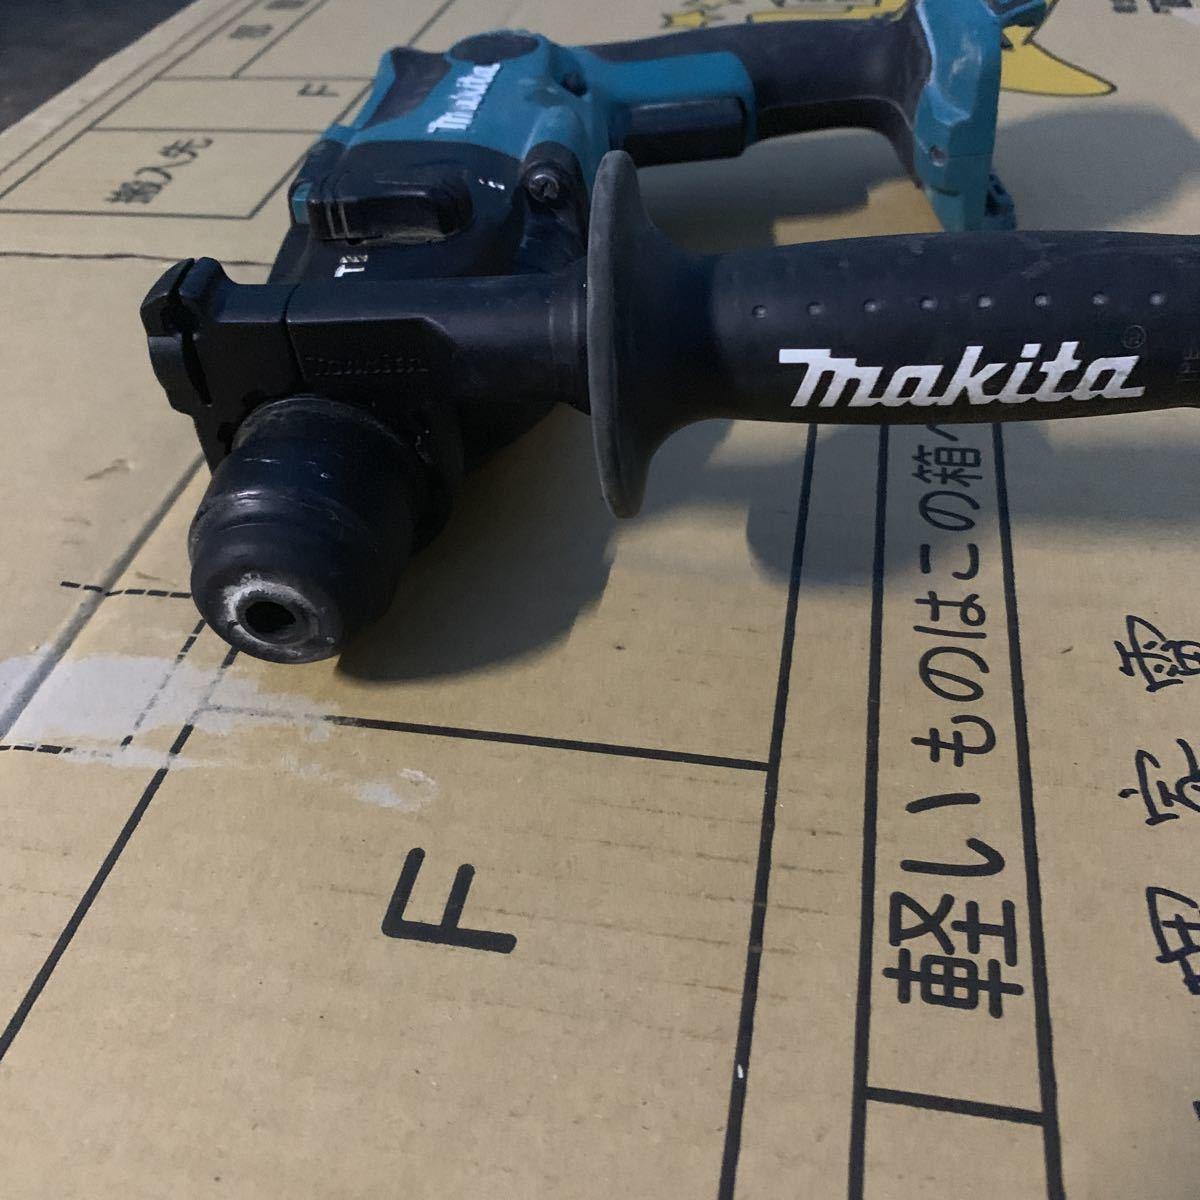 マキタ(MAKITA)HR164D 充電式 ハンマドリル(動作確認しました)_画像4